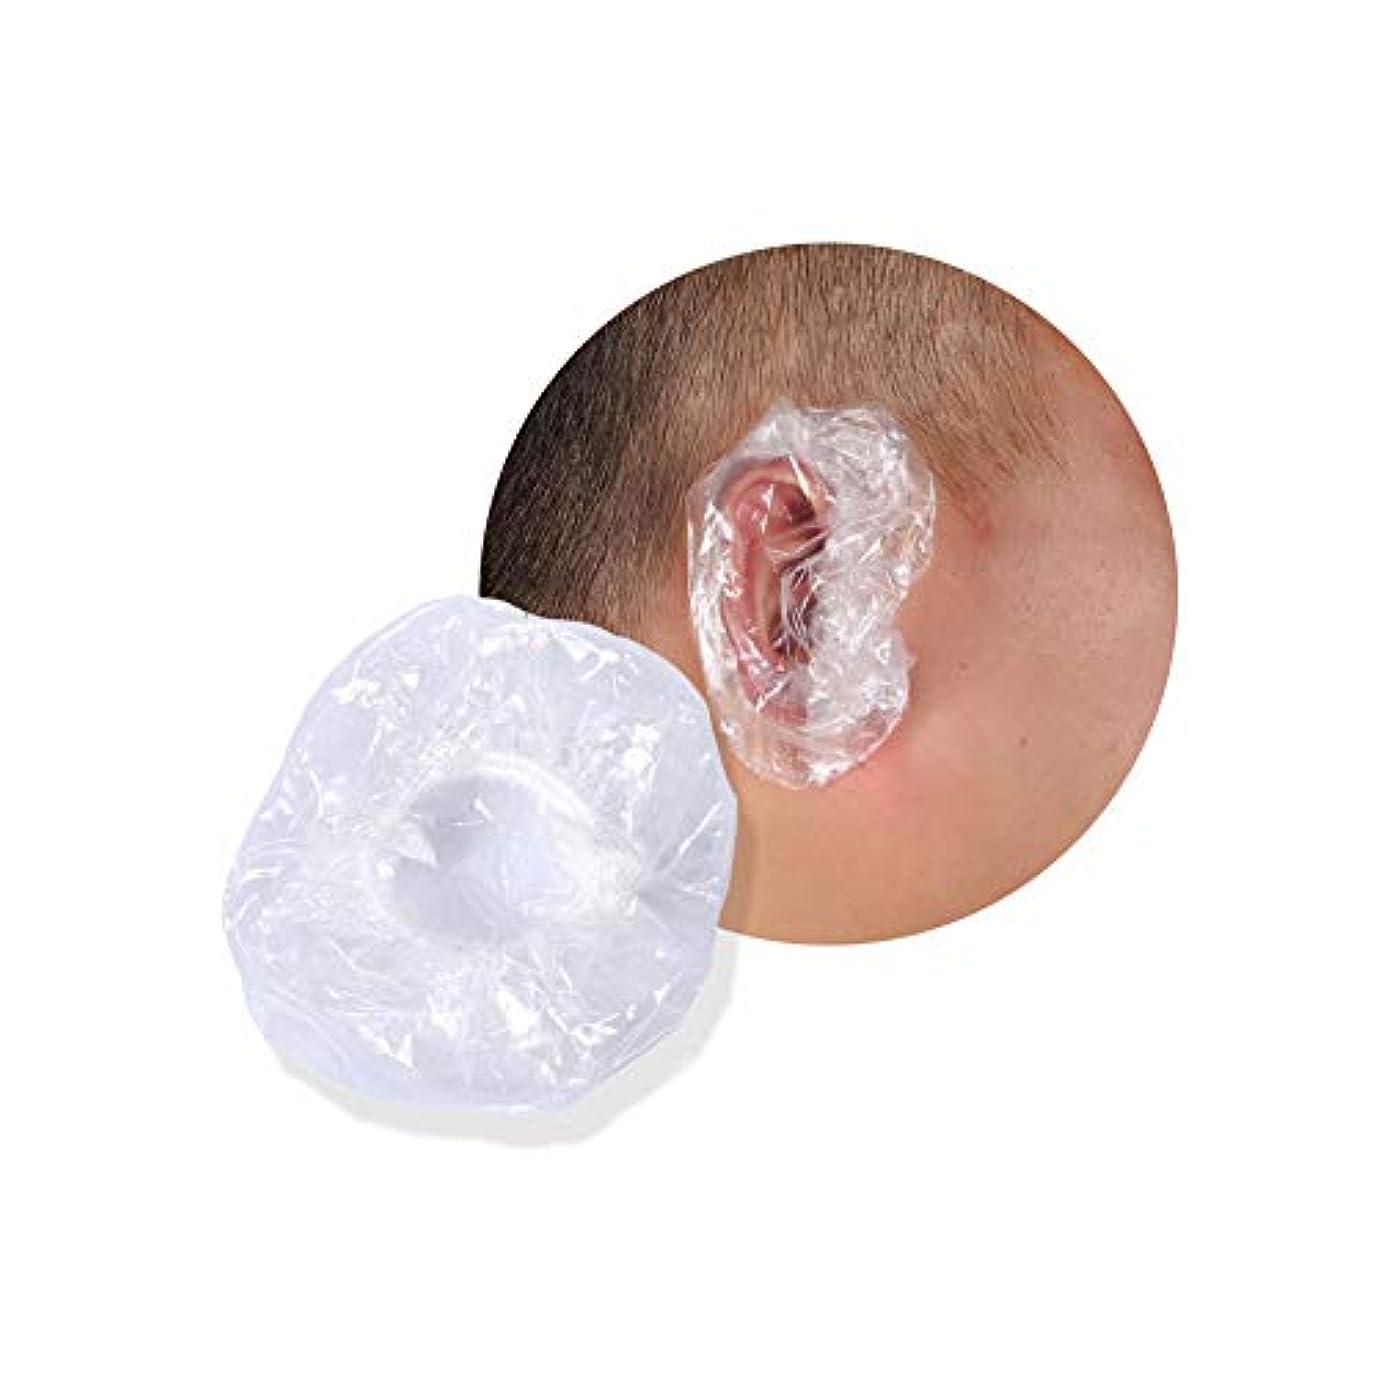 プロフェッショナルどんよりしたペネロペイヤーキャップ 使い捨て 簡単 装着 透明 ビニール 耳 保護 カバー 毛染め パーマ 縮毛矯正 シャンプー トリートメント 100個入り